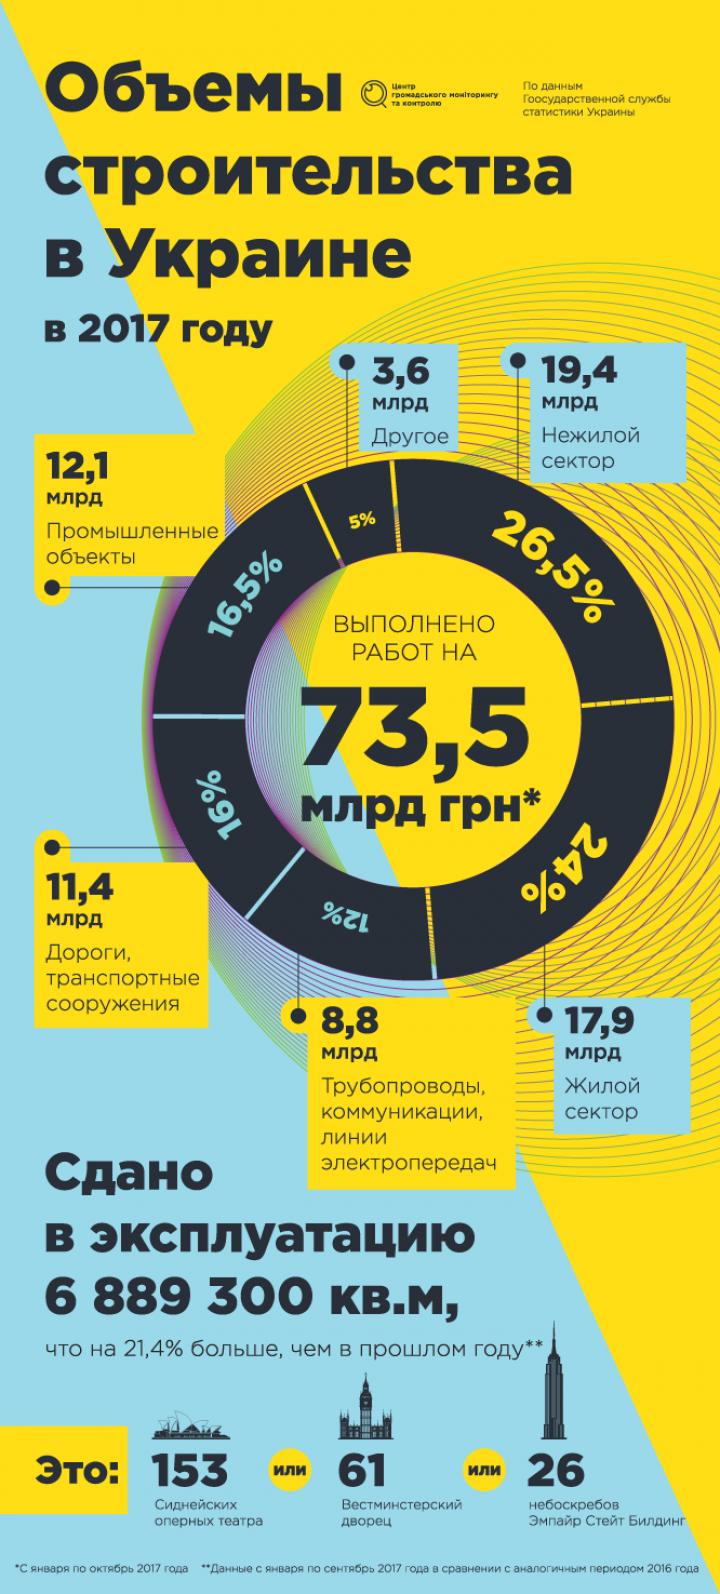 Объемы строительства в Украине: итоги 2017 (инфографика)